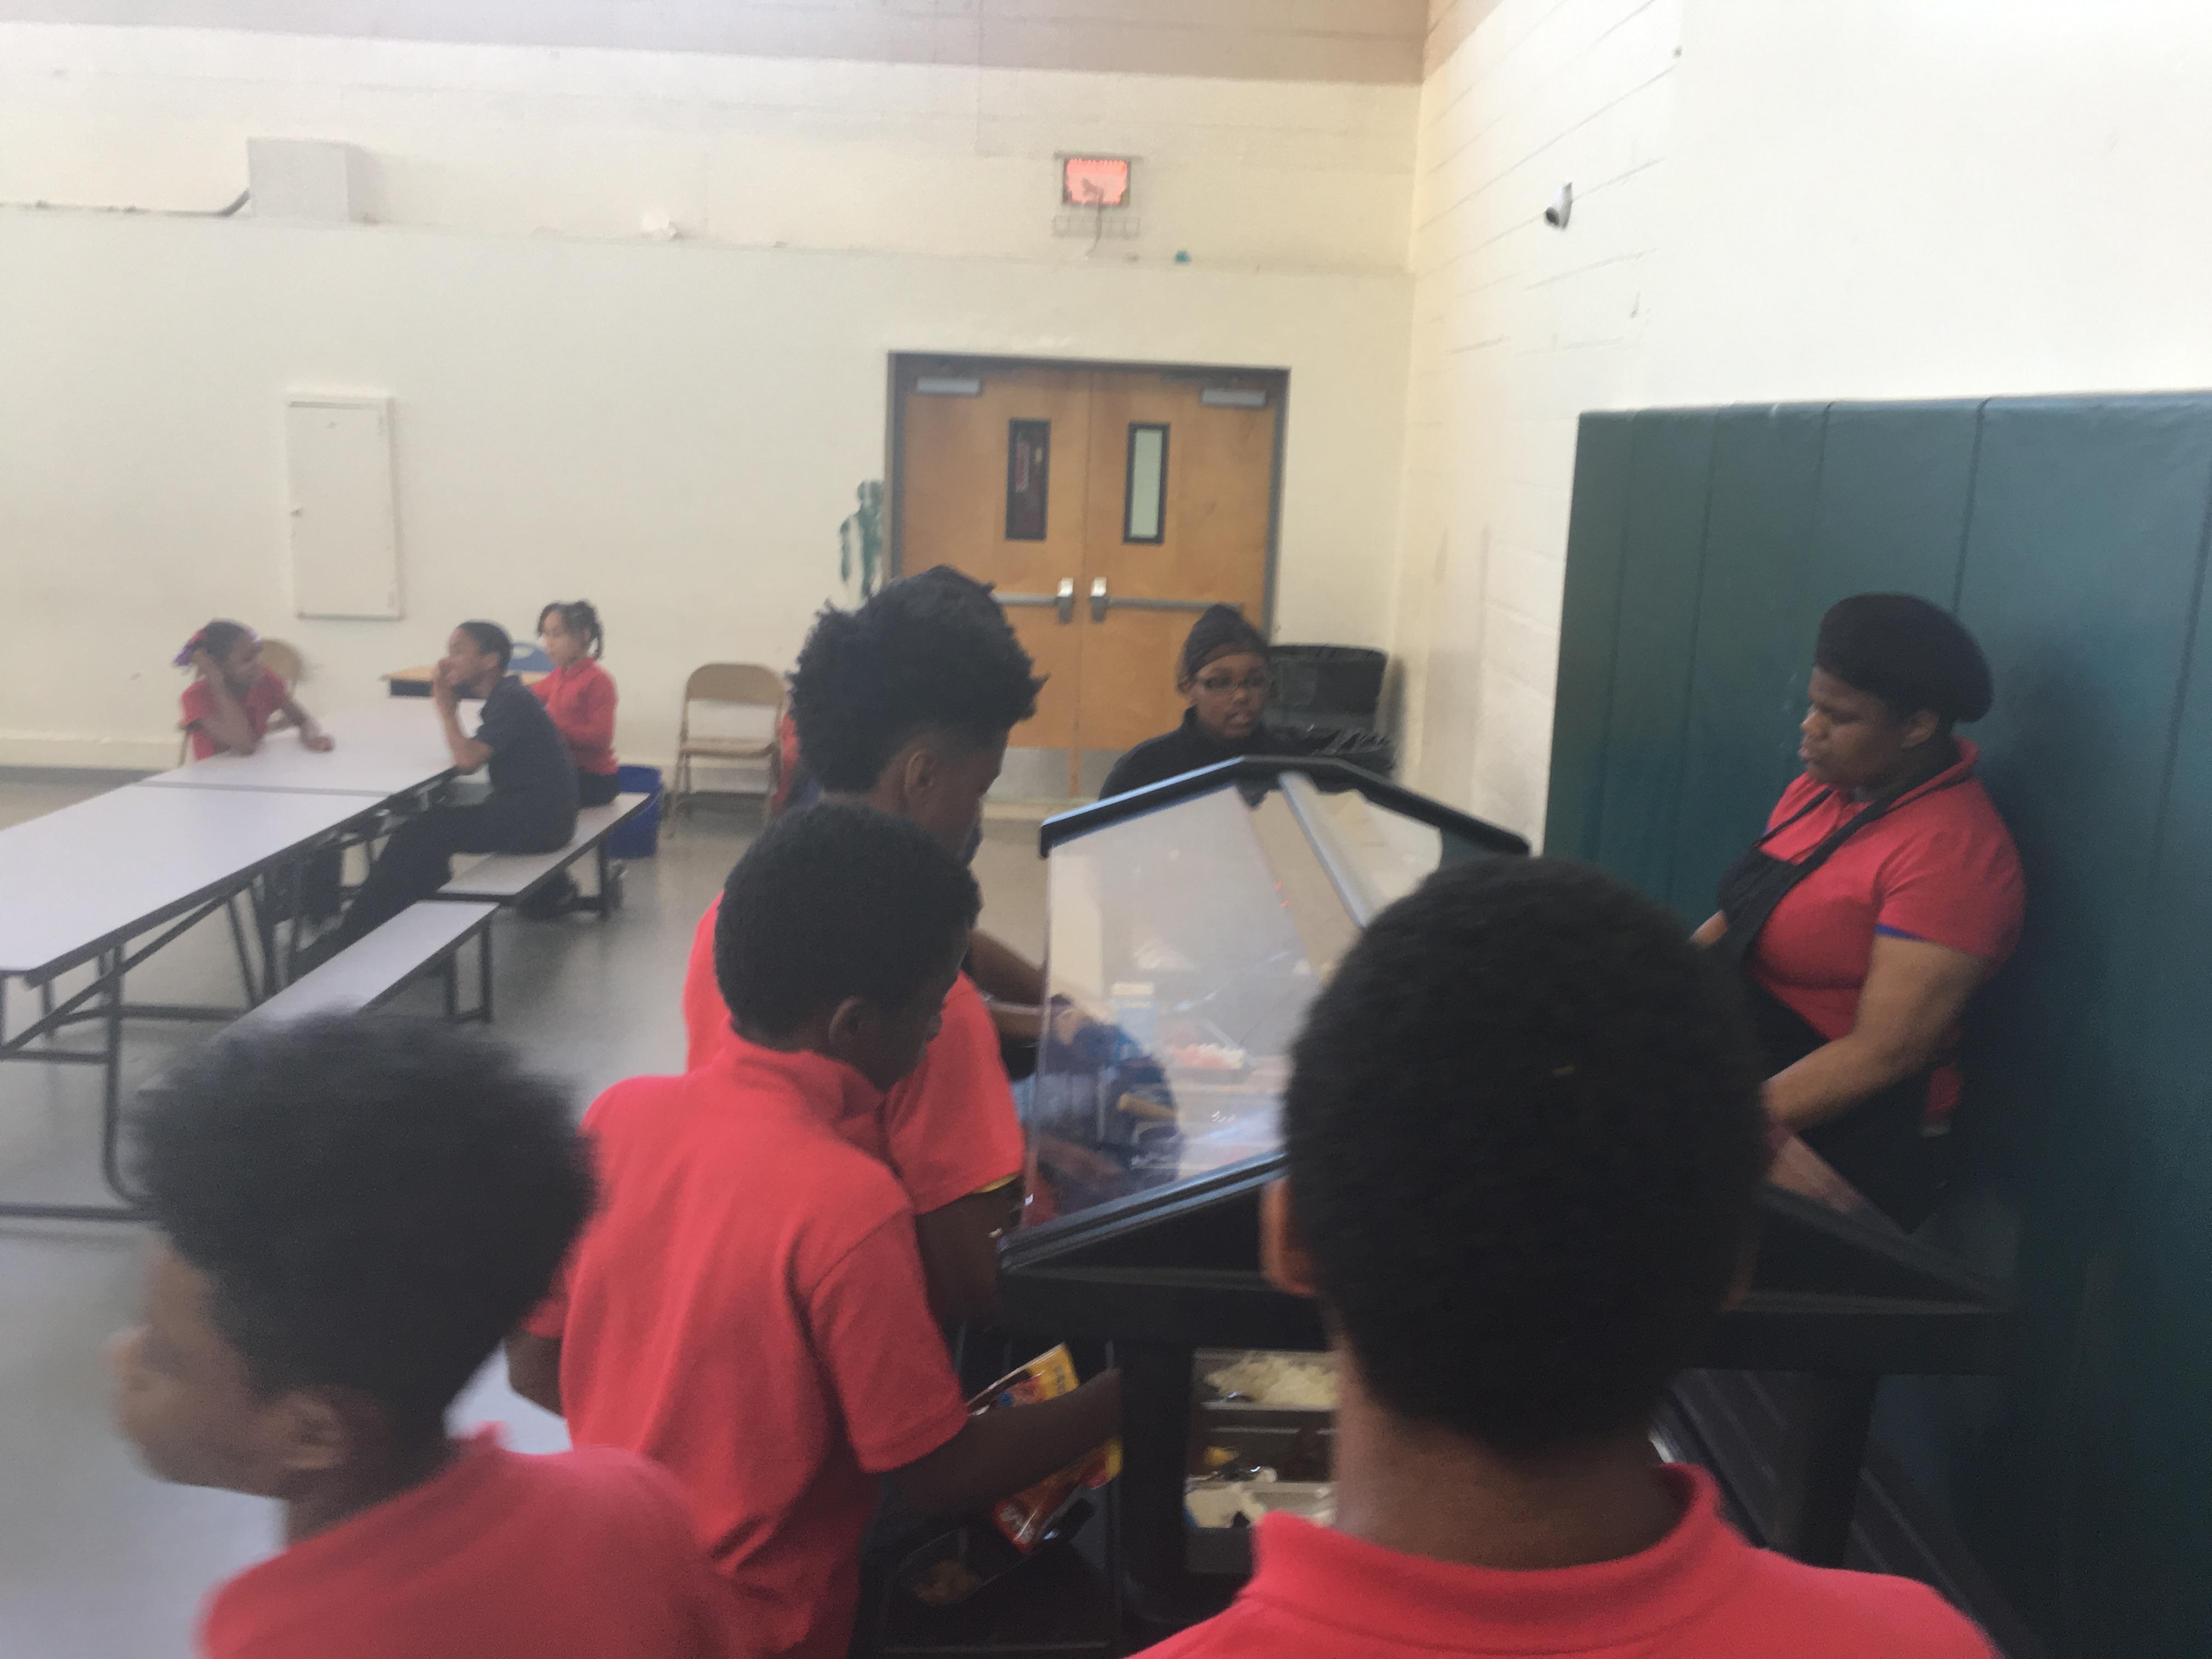 Charter Schools in Detroit